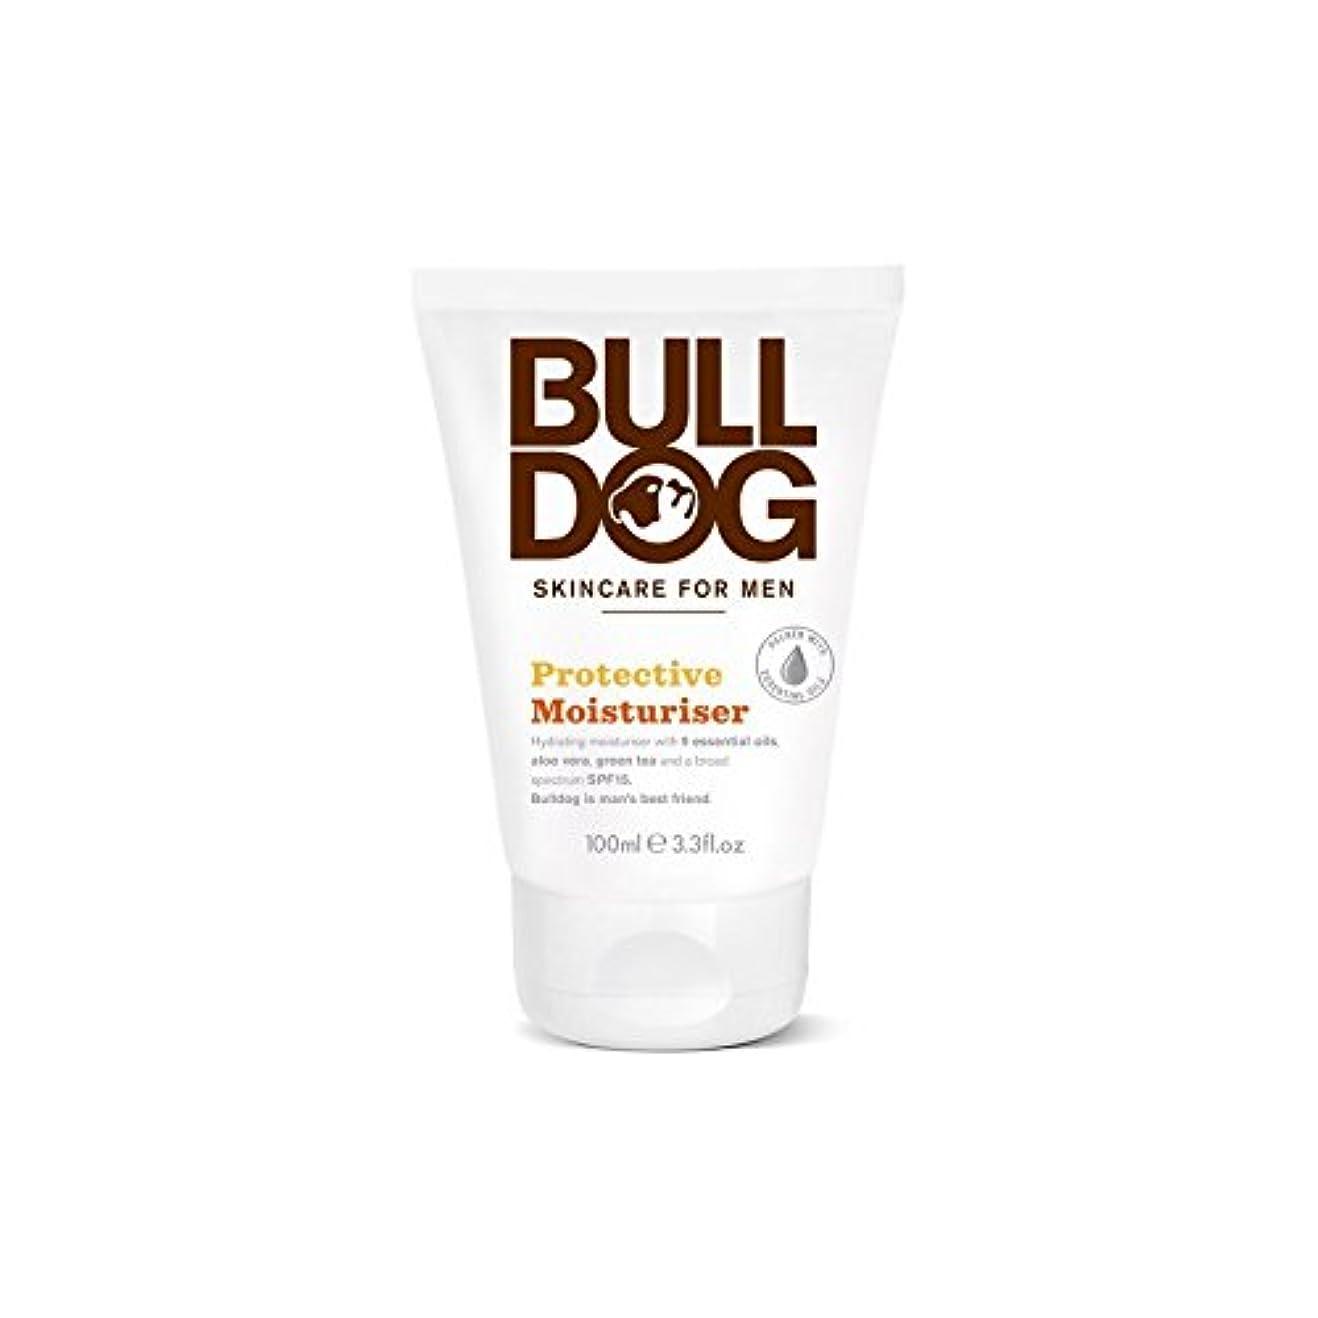 むき出しカロリーお手伝いさんブルドッグ保護保湿成分(100ミリリットル) x4 - Bulldog Protective Moisturiser (100ml) (Pack of 4) [並行輸入品]